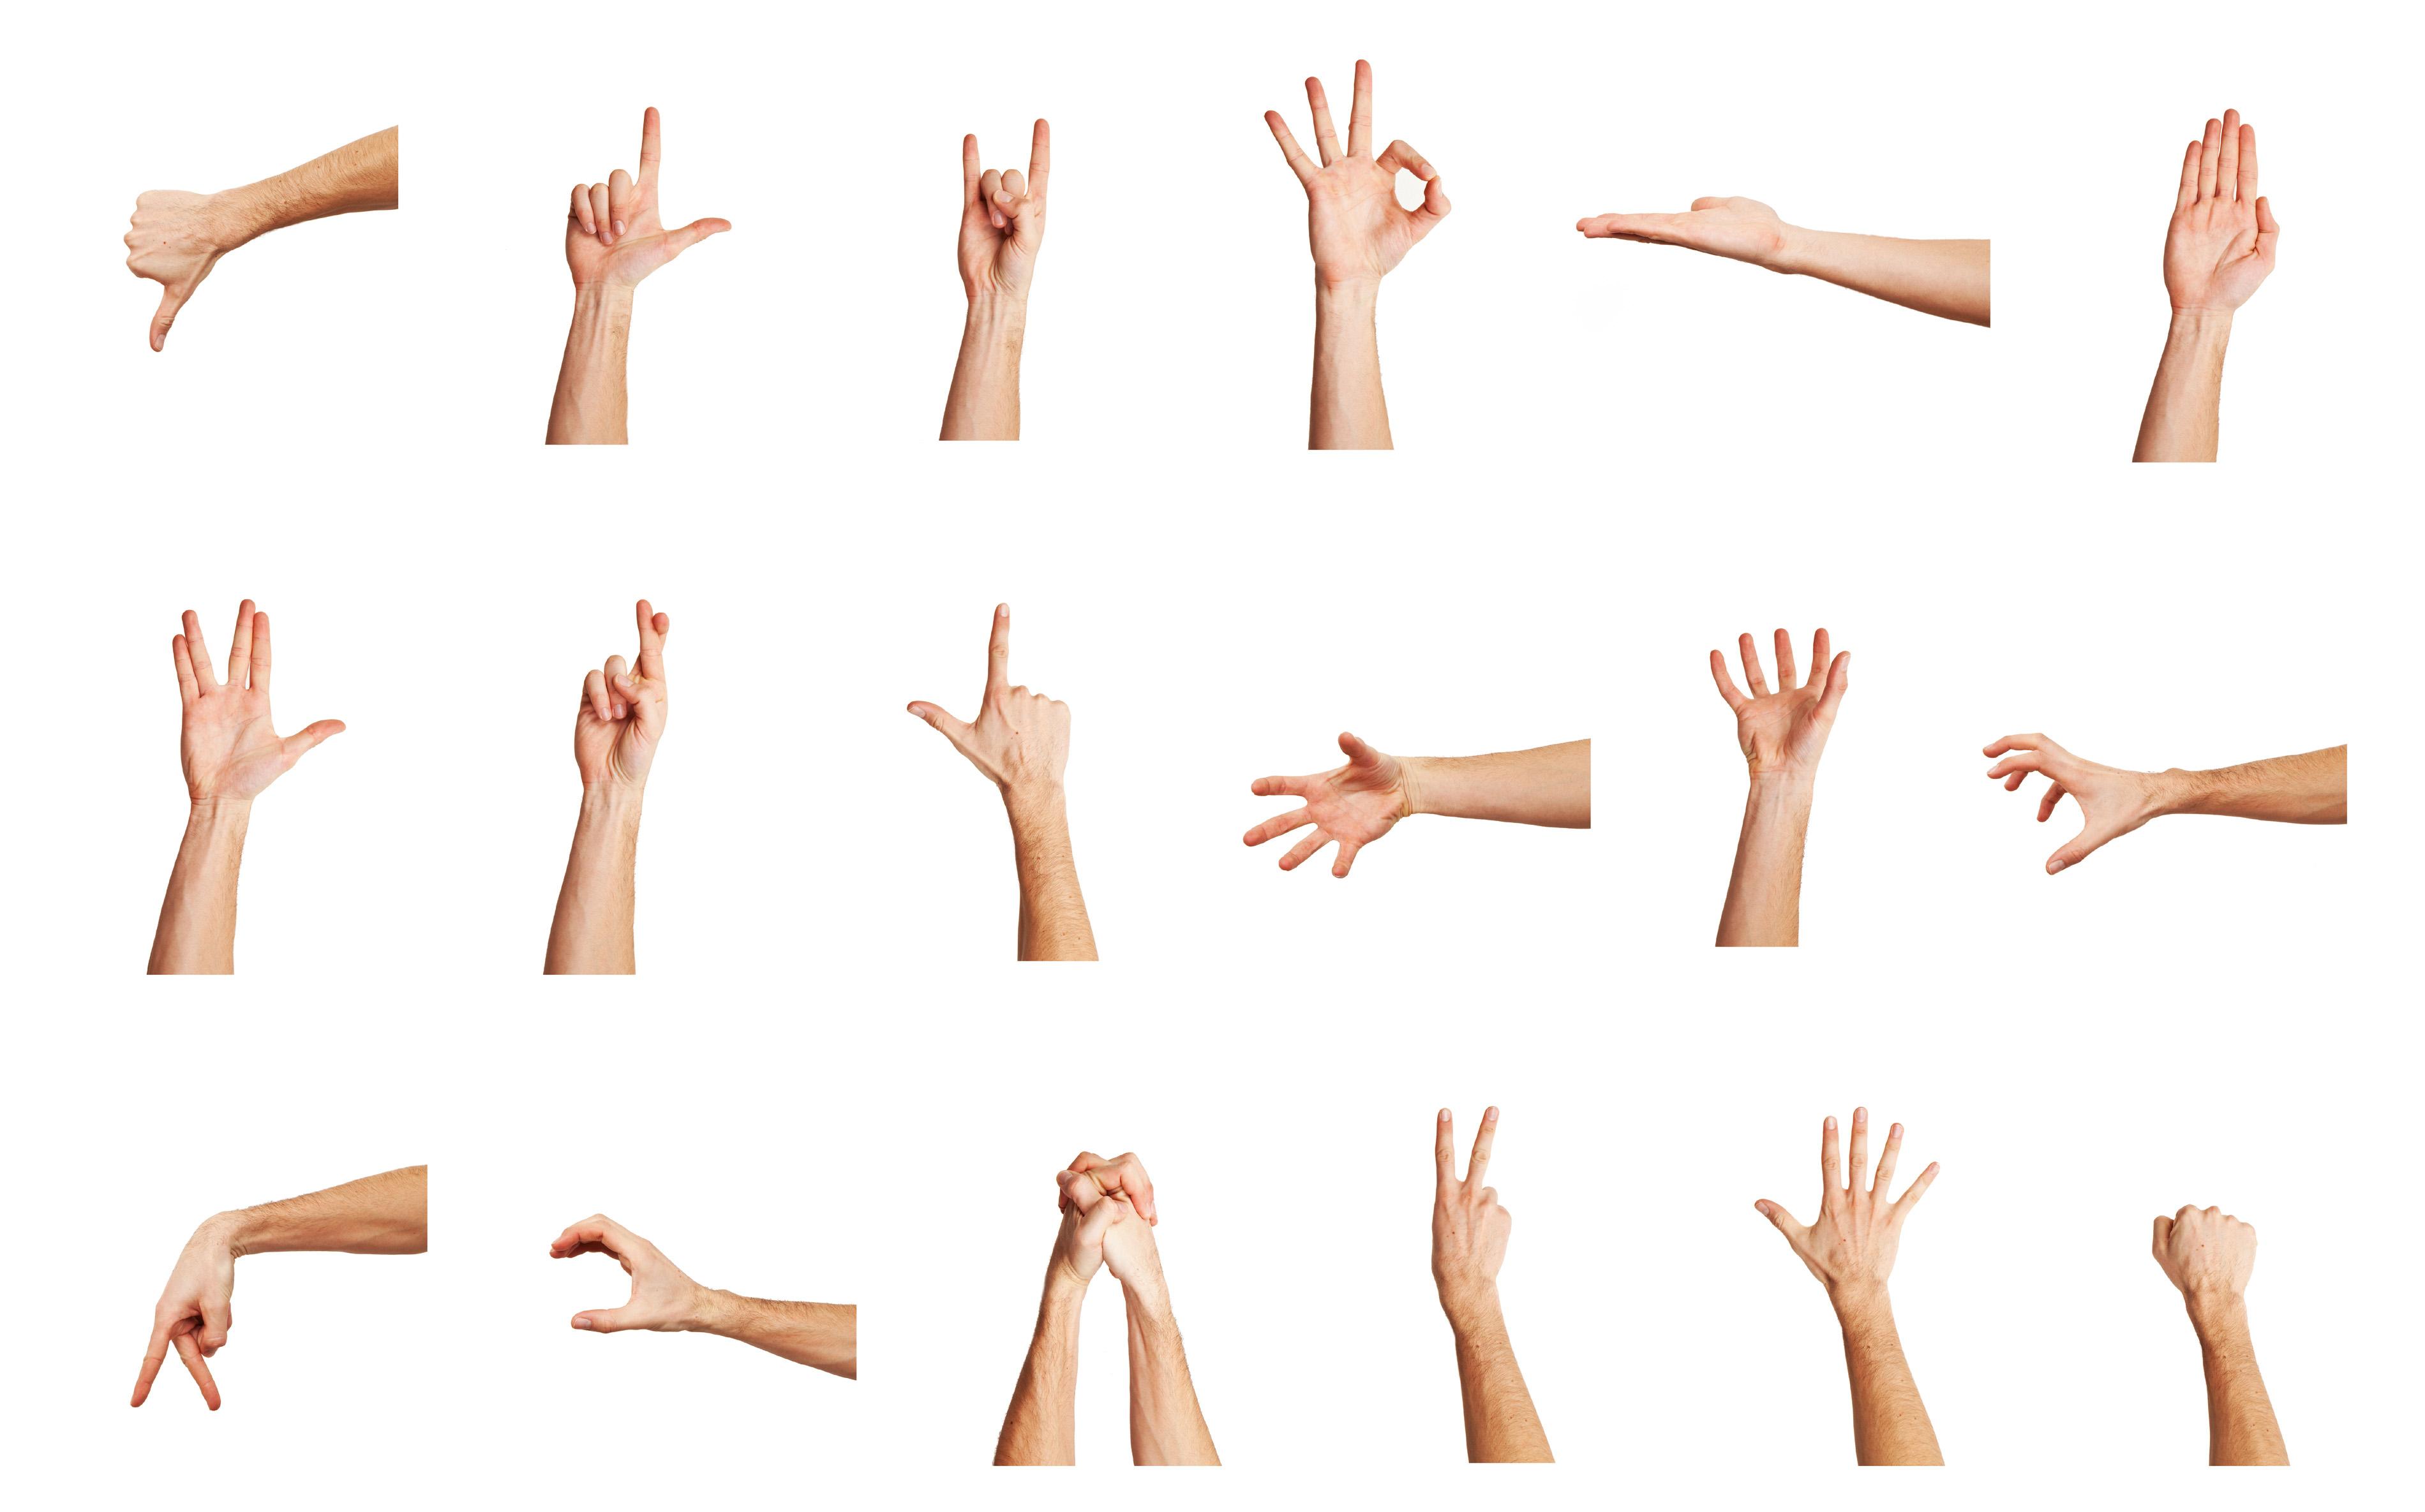 3800x2370 > Hand Gesture Wallpapers